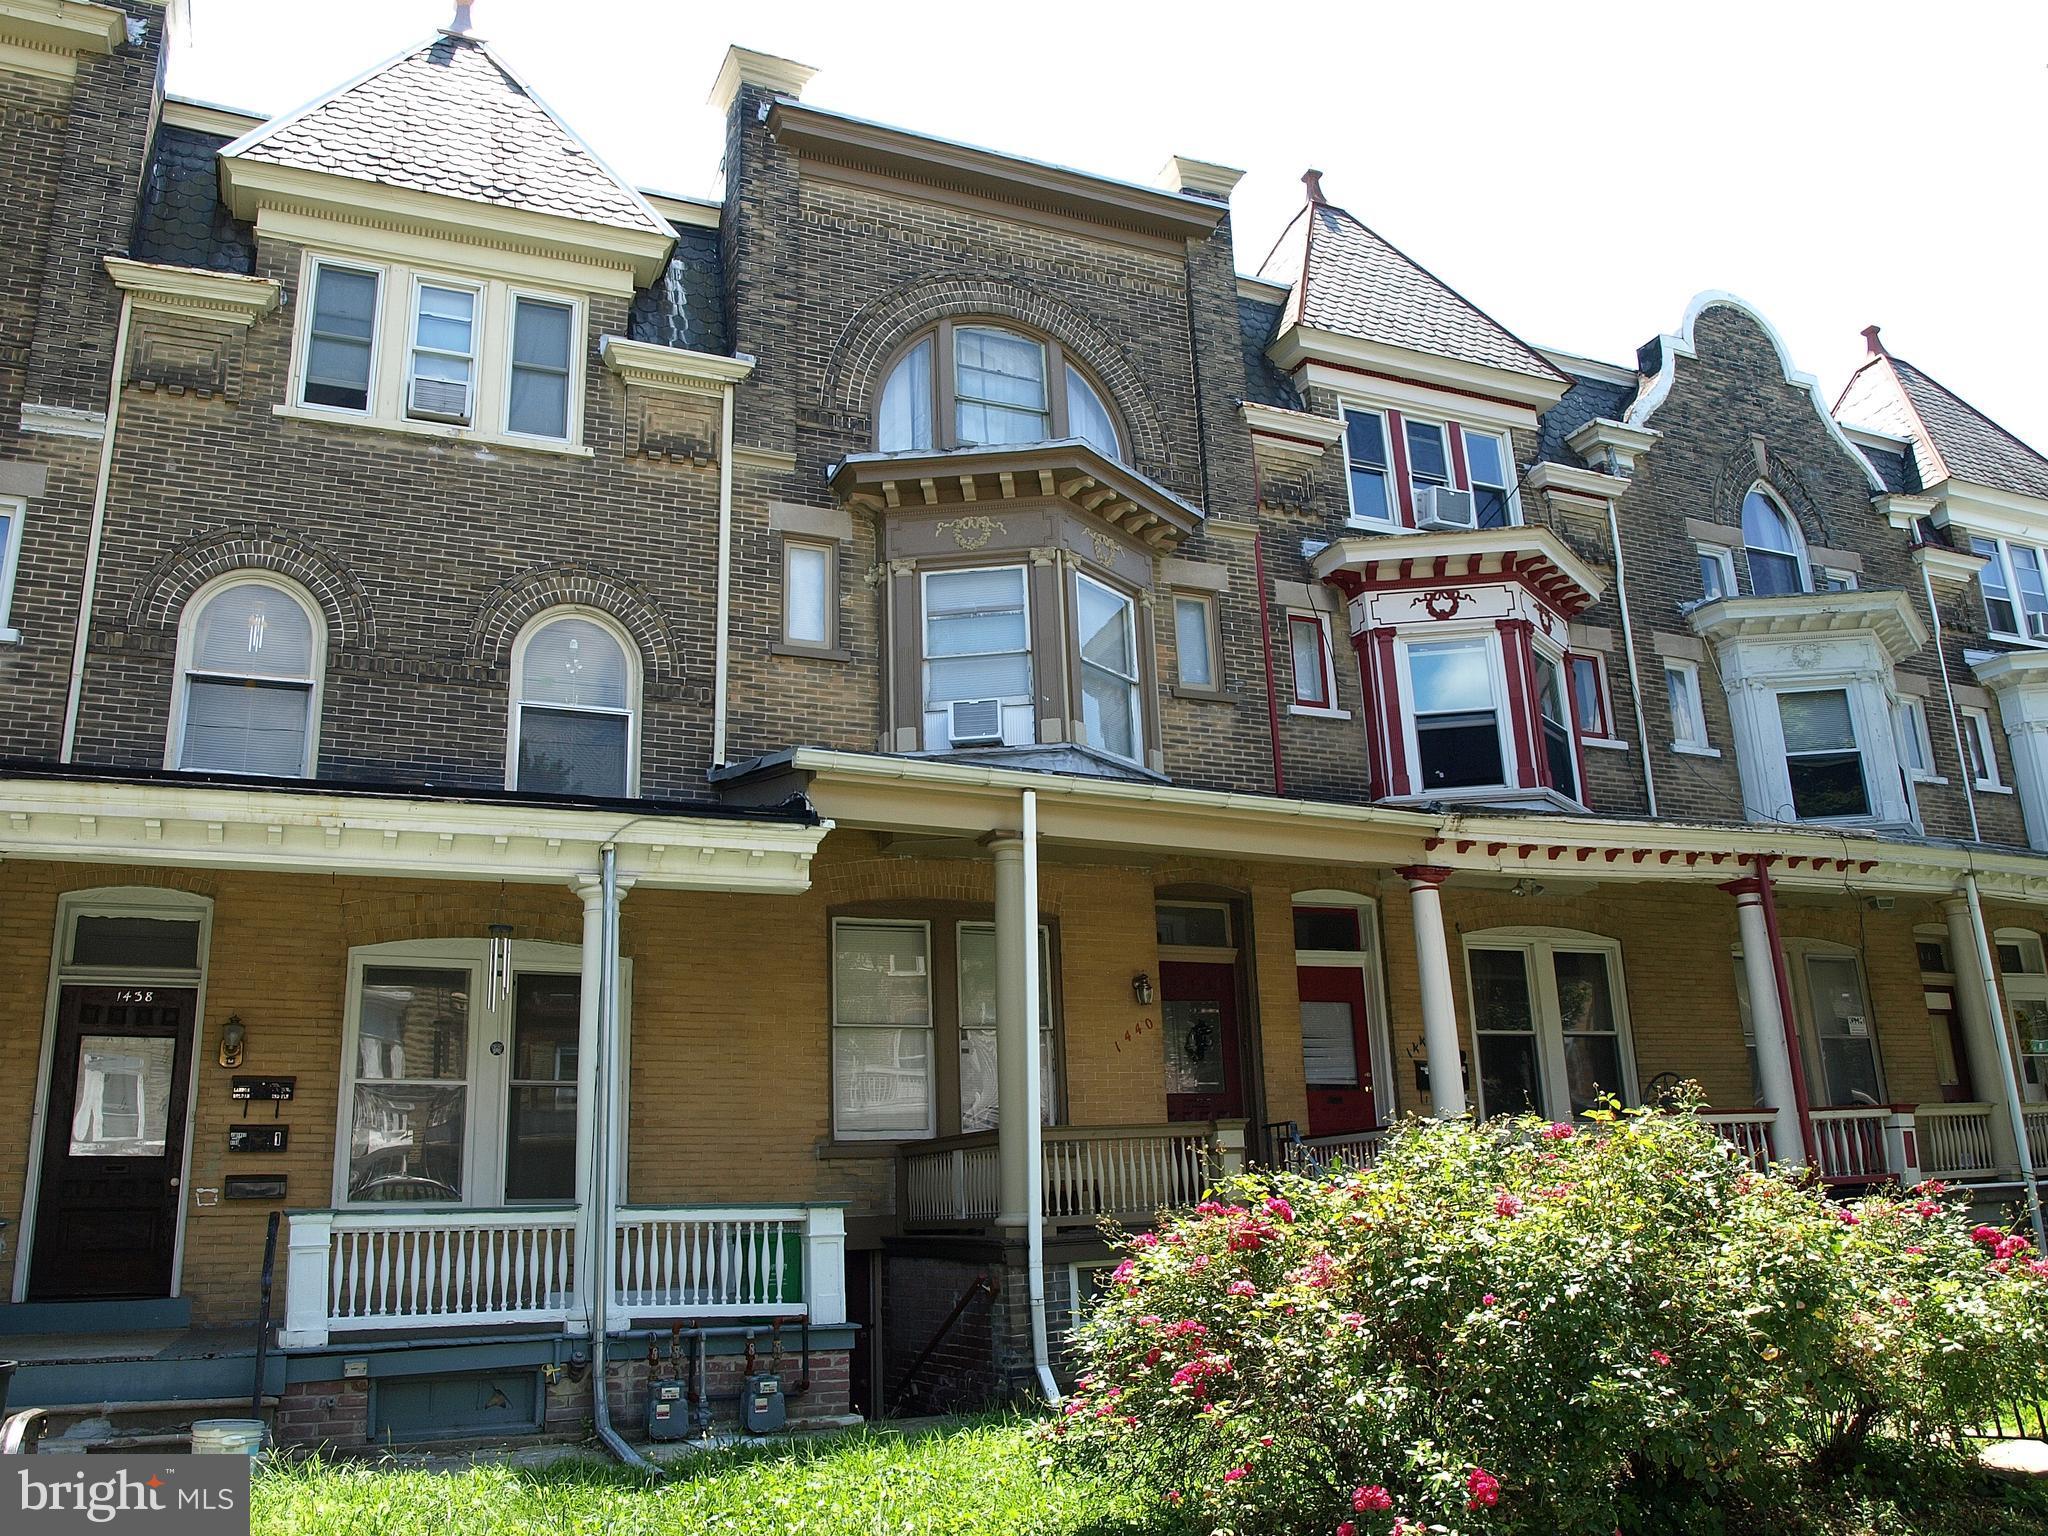 1440 W LINDEN STREET, ALLENTOWN, PA 18102